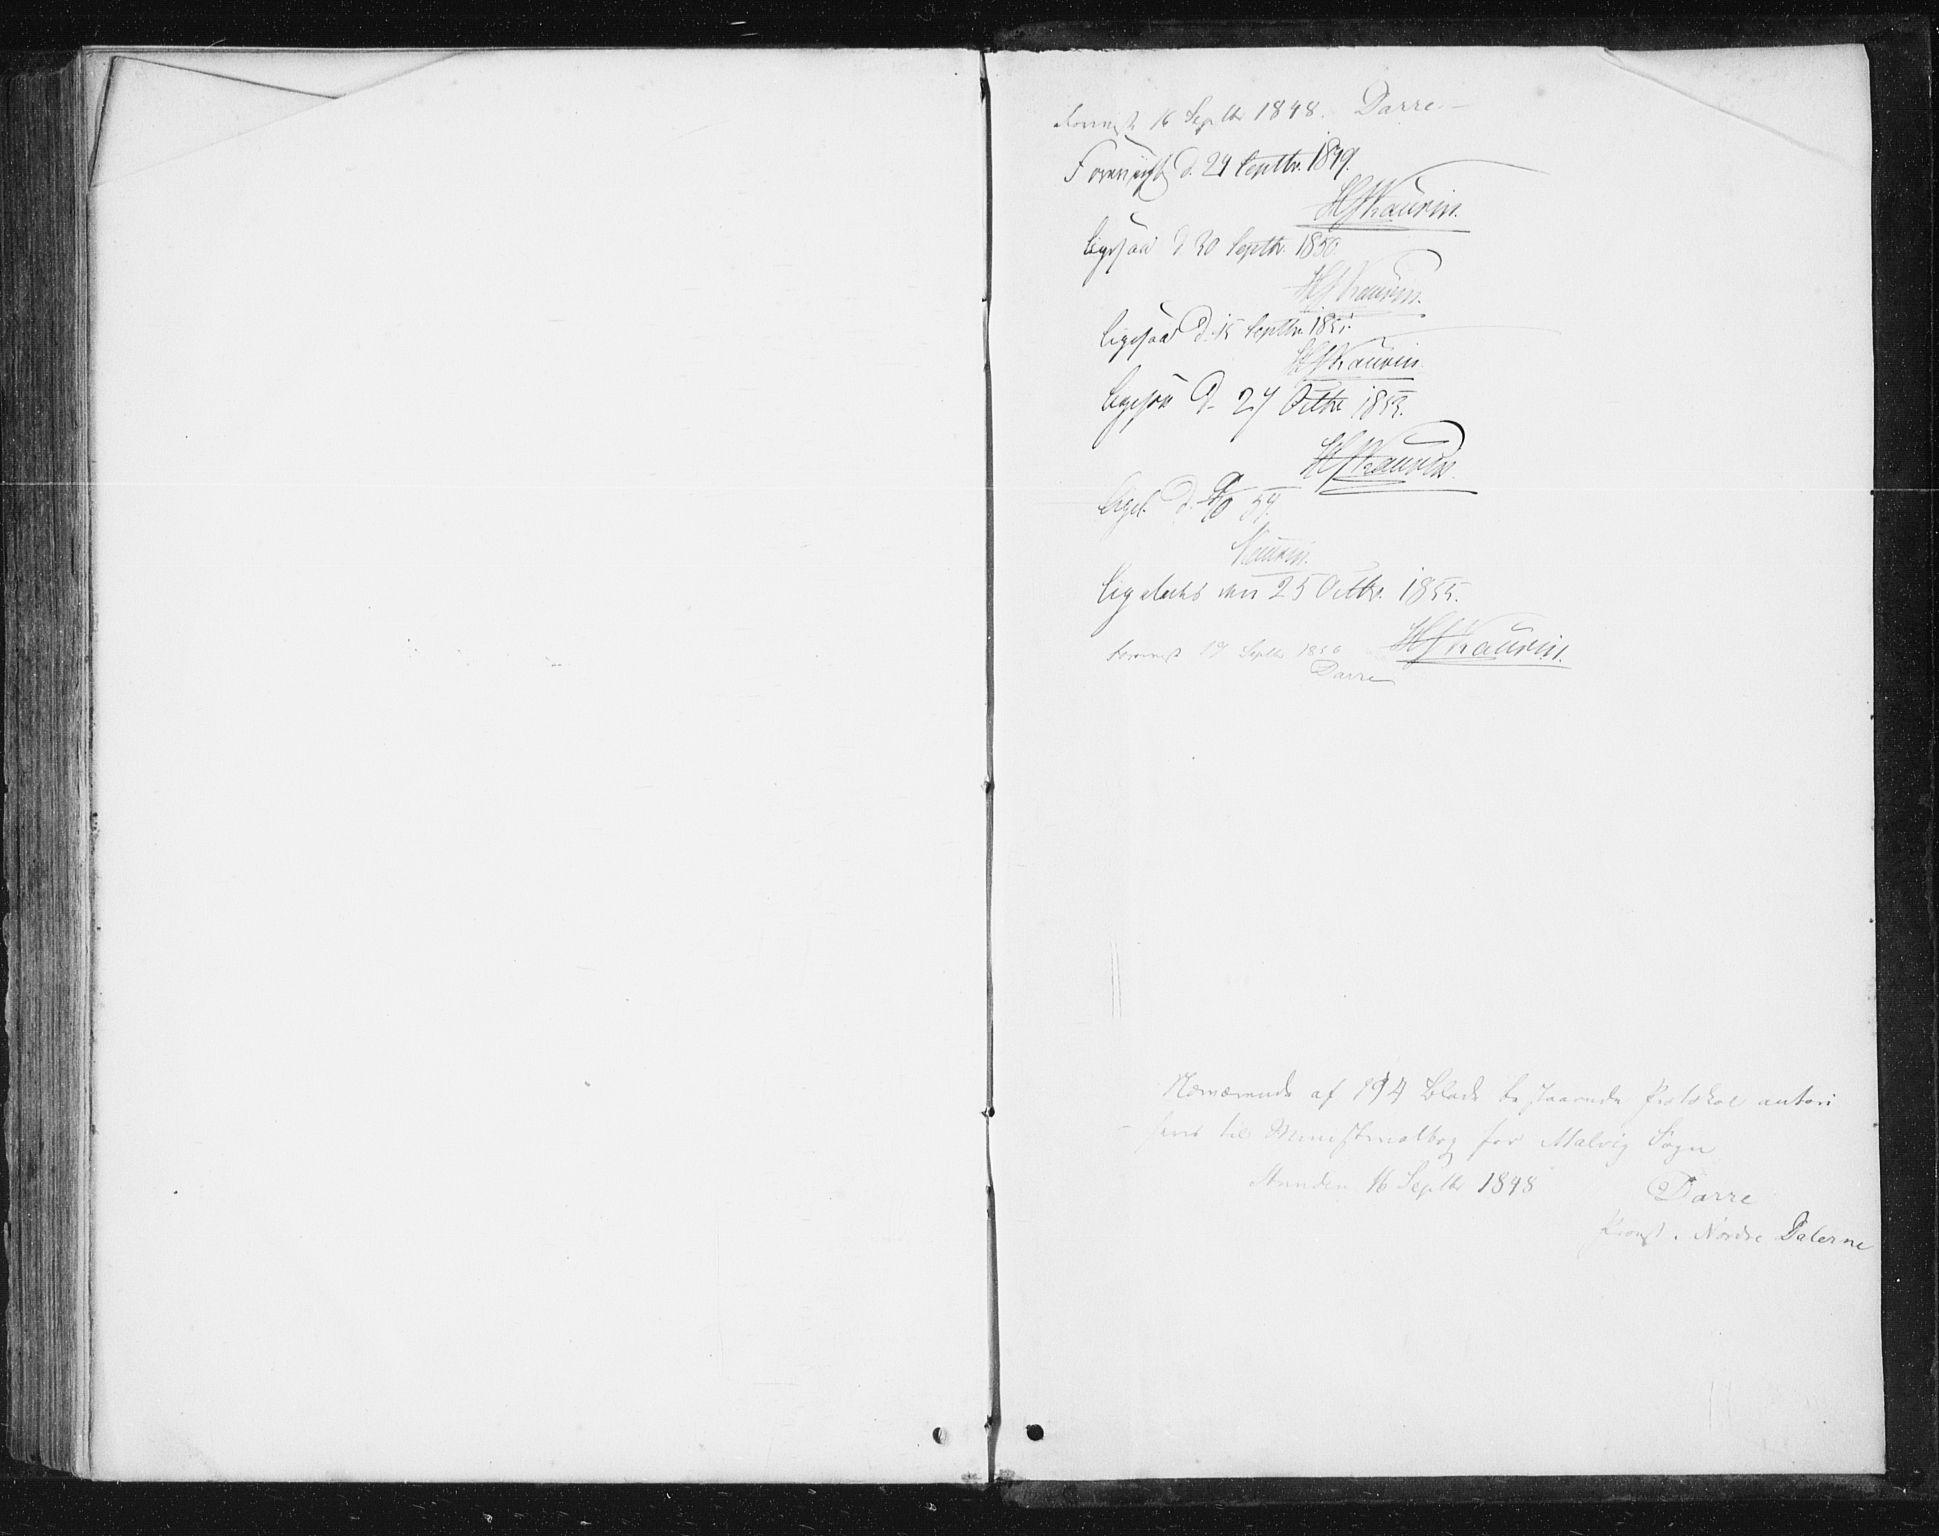 SAT, Ministerialprotokoller, klokkerbøker og fødselsregistre - Sør-Trøndelag, 616/L0407: Ministerialbok nr. 616A04, 1848-1856